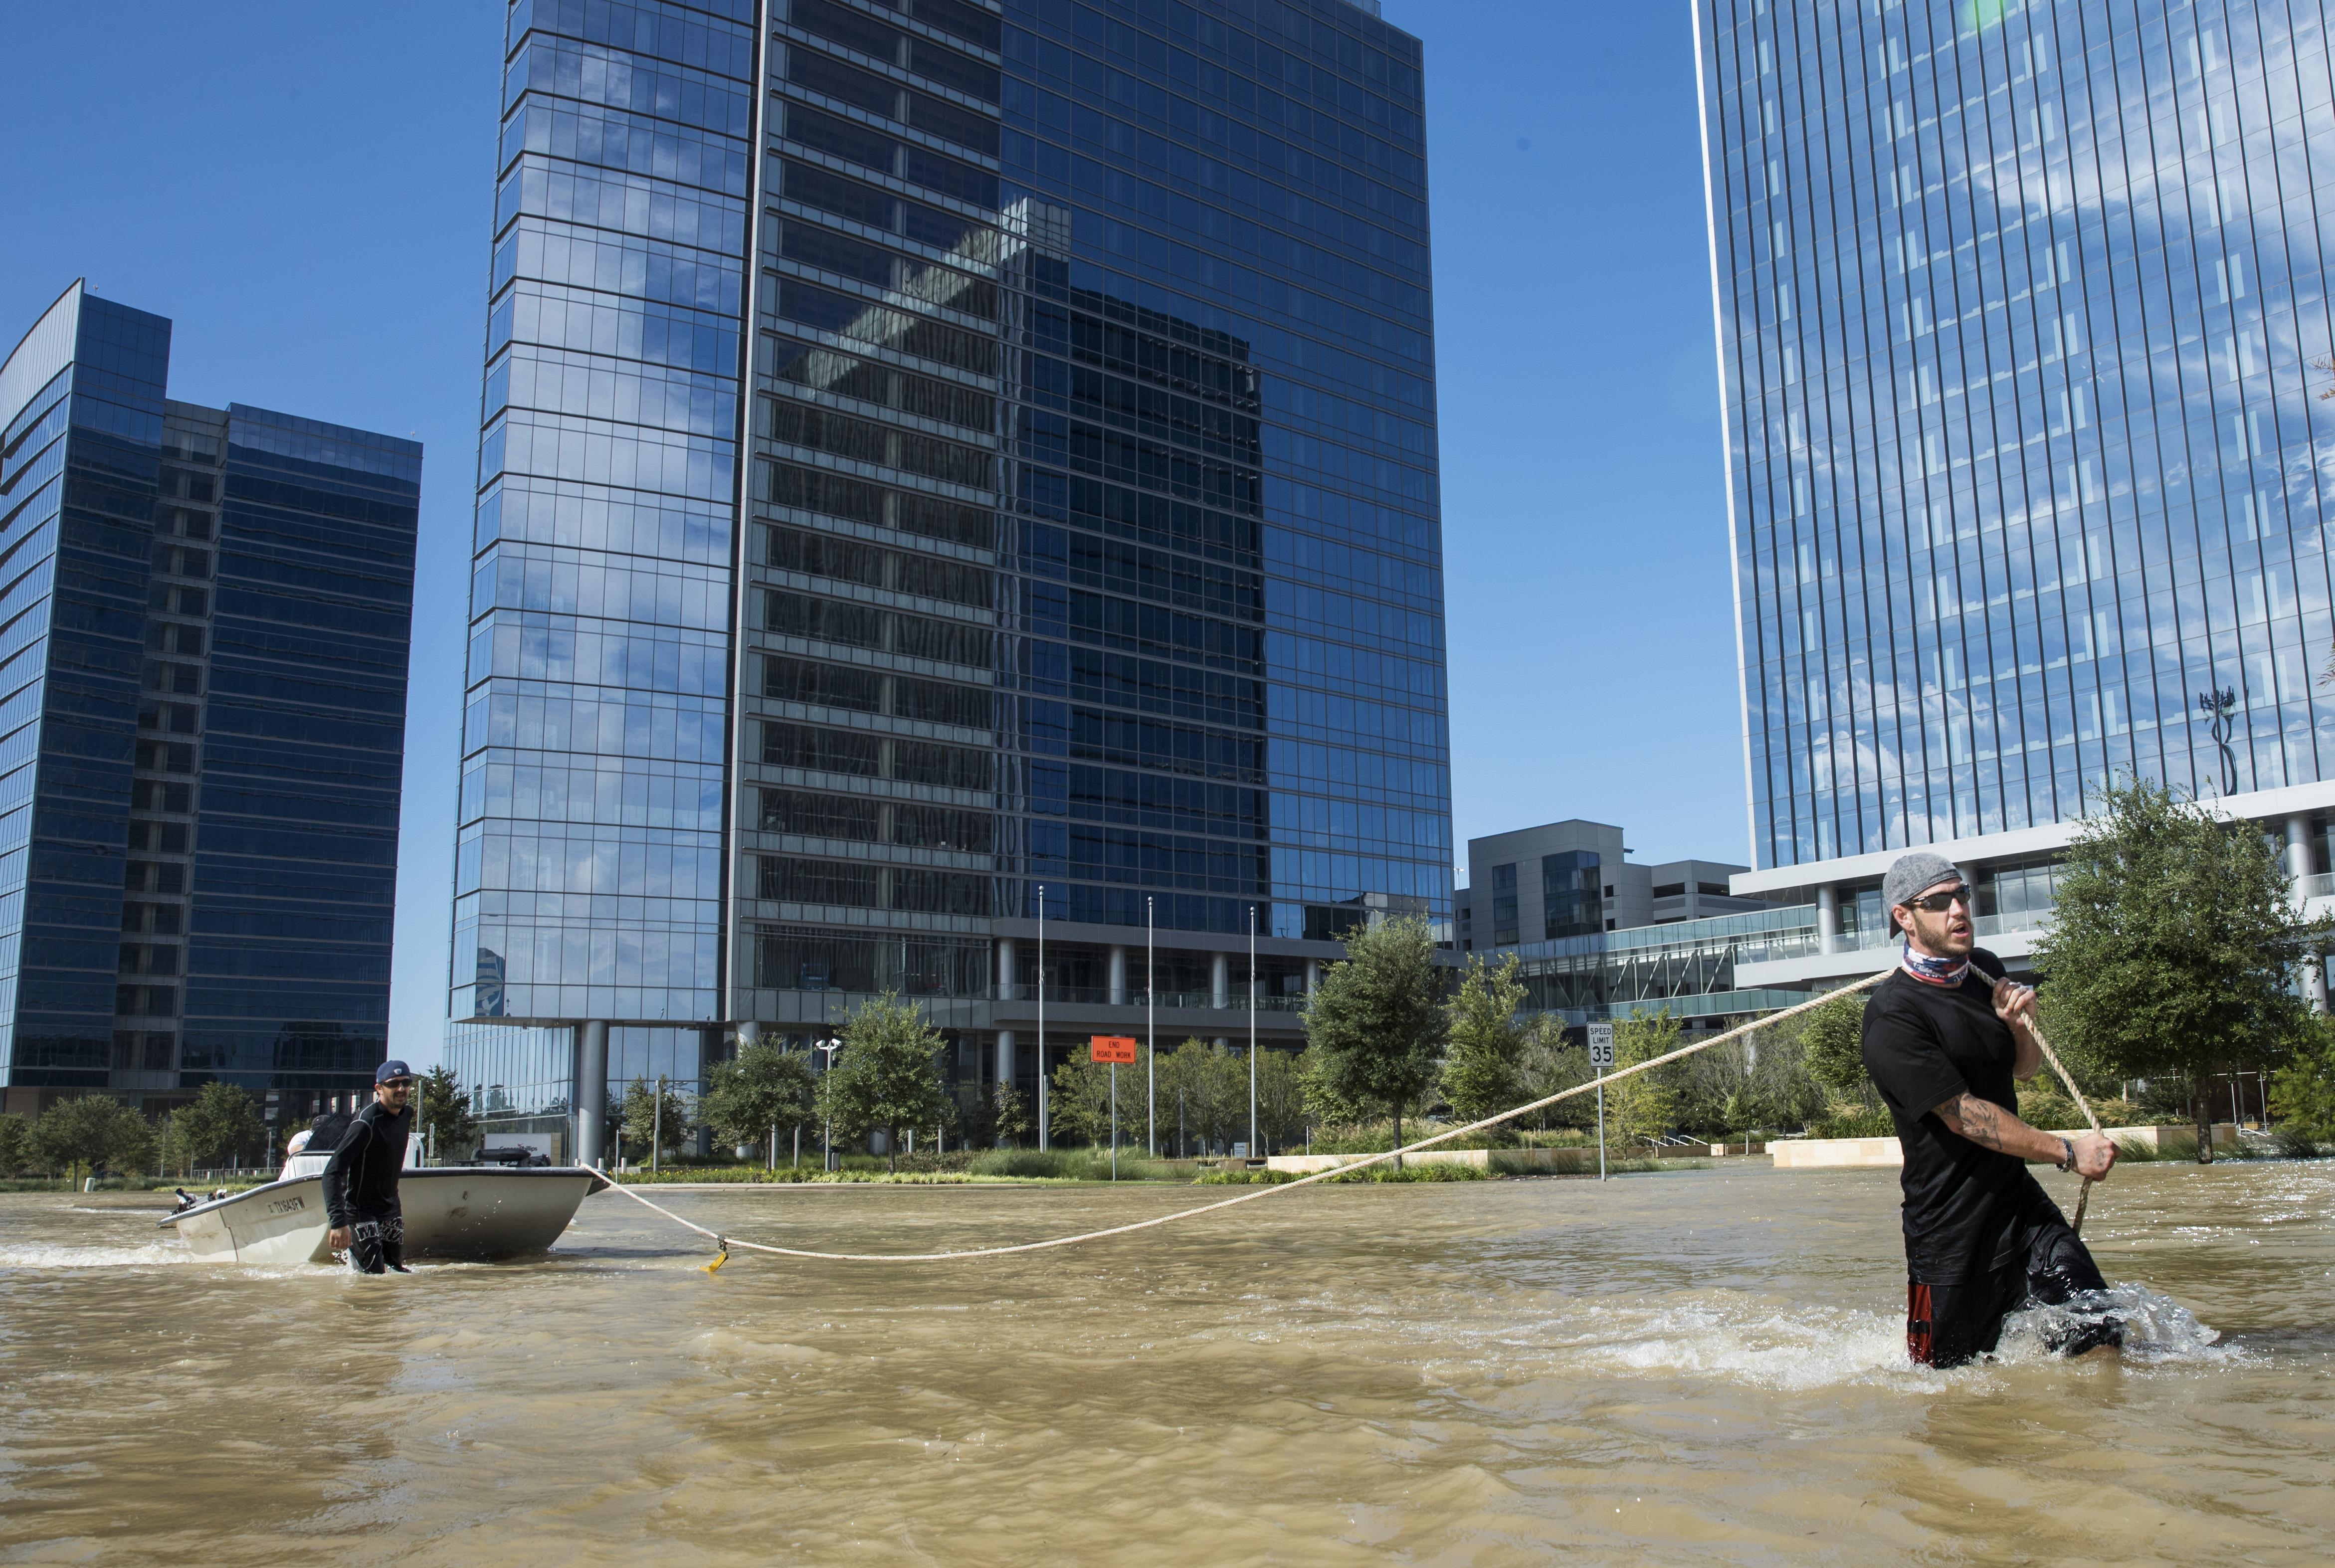 Harvey után nehezebb lesz kételkedni a klímaváltozásban